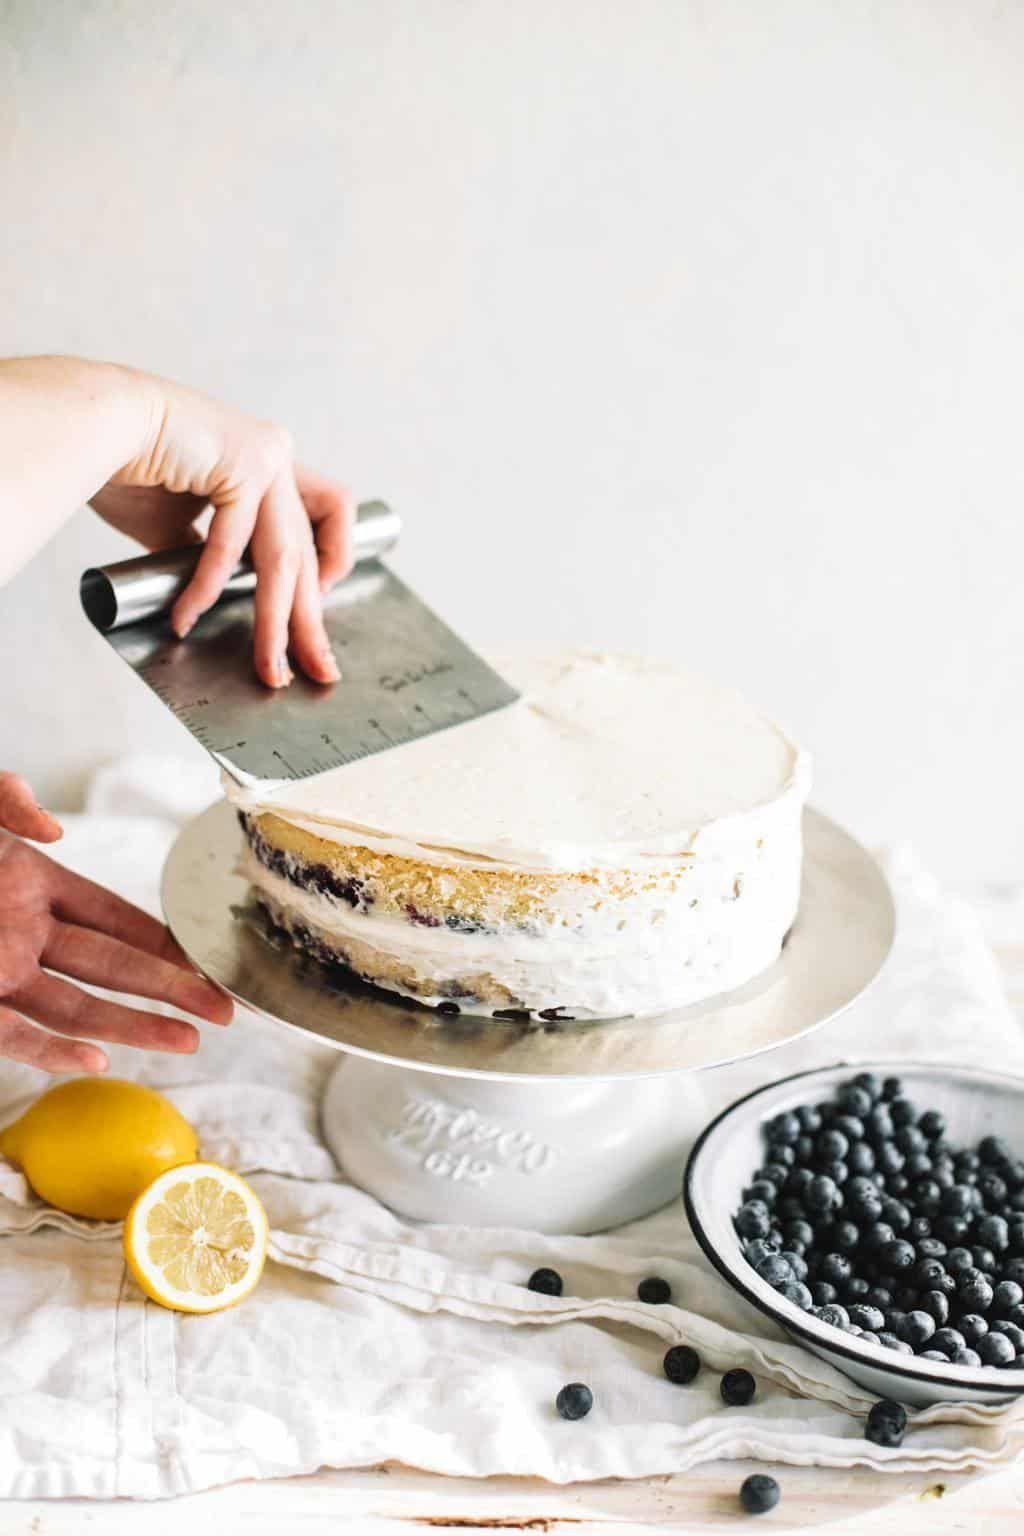 Lemon Blueberry Cake with Lemon Buttercream #lemonbuttercream Lemon Blueberry Cake with Lemon Buttercream #lemonbuttercream Lemon Blueberry Cake with Lemon Buttercream #lemonbuttercream Lemon Blueberry Cake with Lemon Buttercream #lemonbuttercream